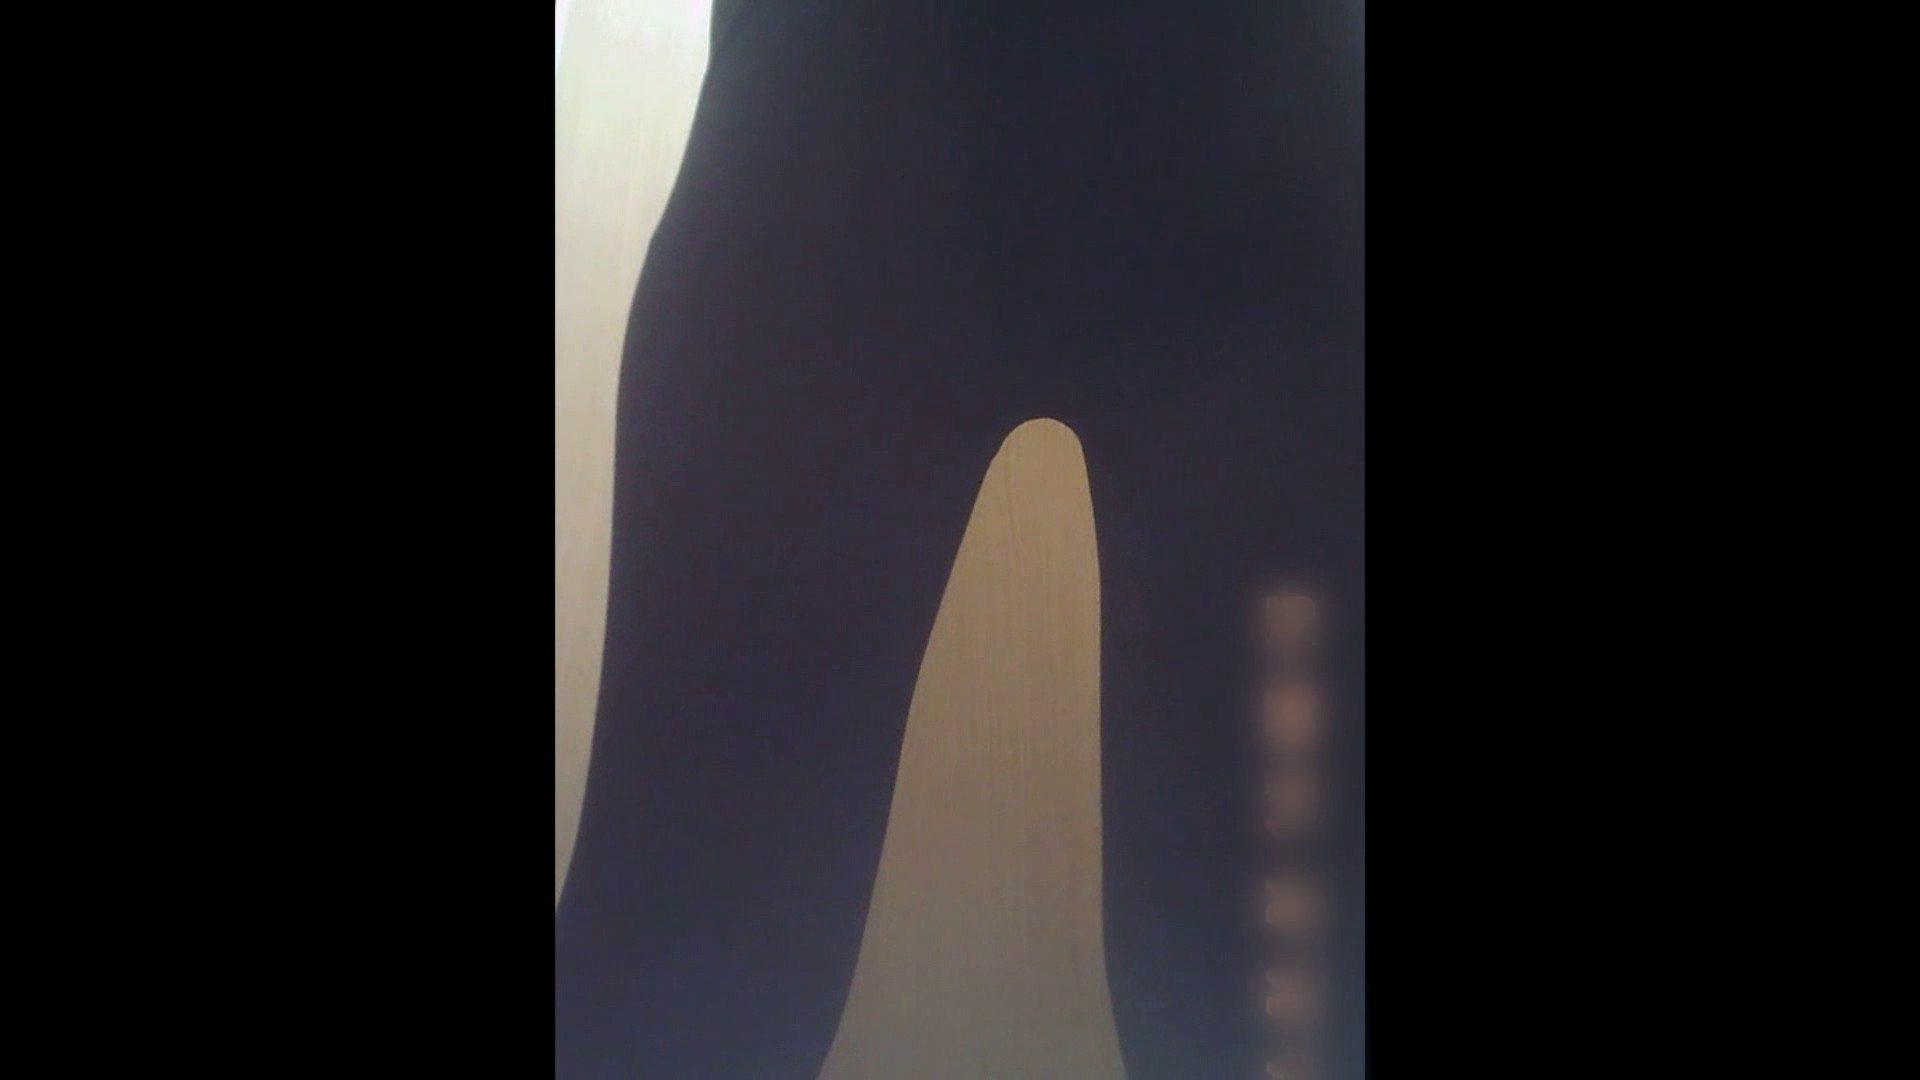 潜入!!韓国秘密のトイレ!Vol.04 盗撮 オマンコ動画キャプチャ 67PIX 62